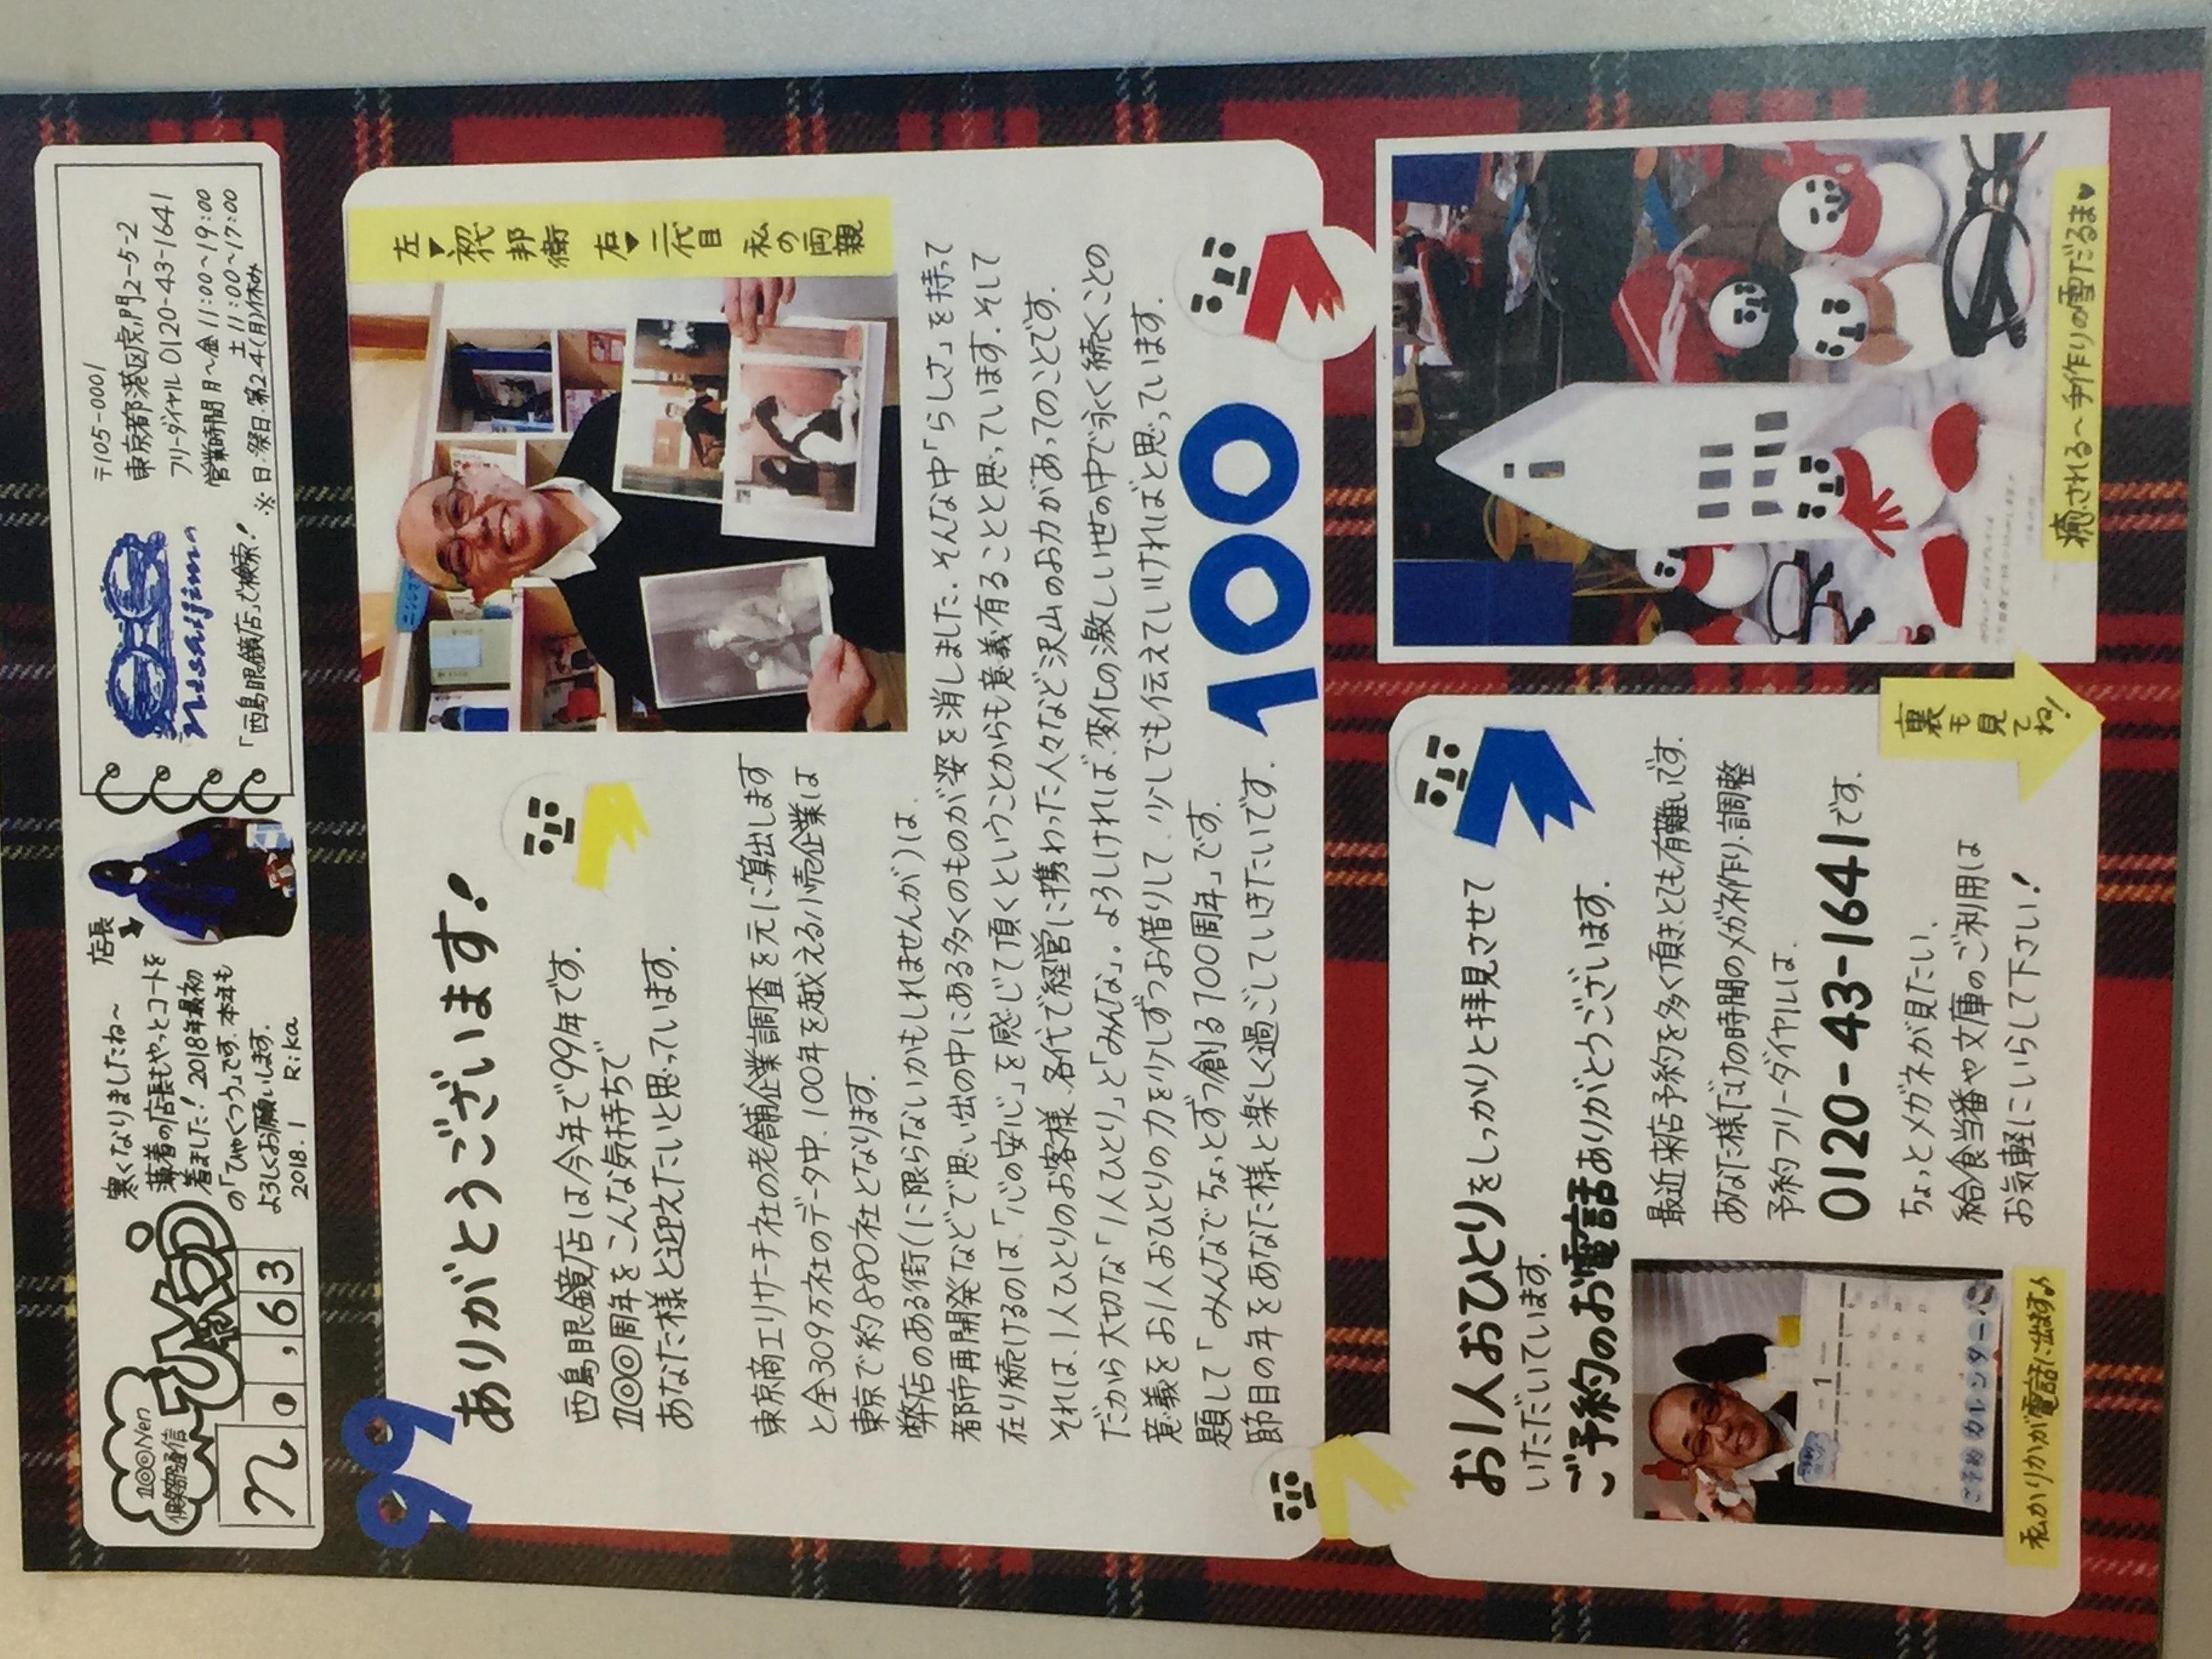 ニシジマ手作り新聞63号